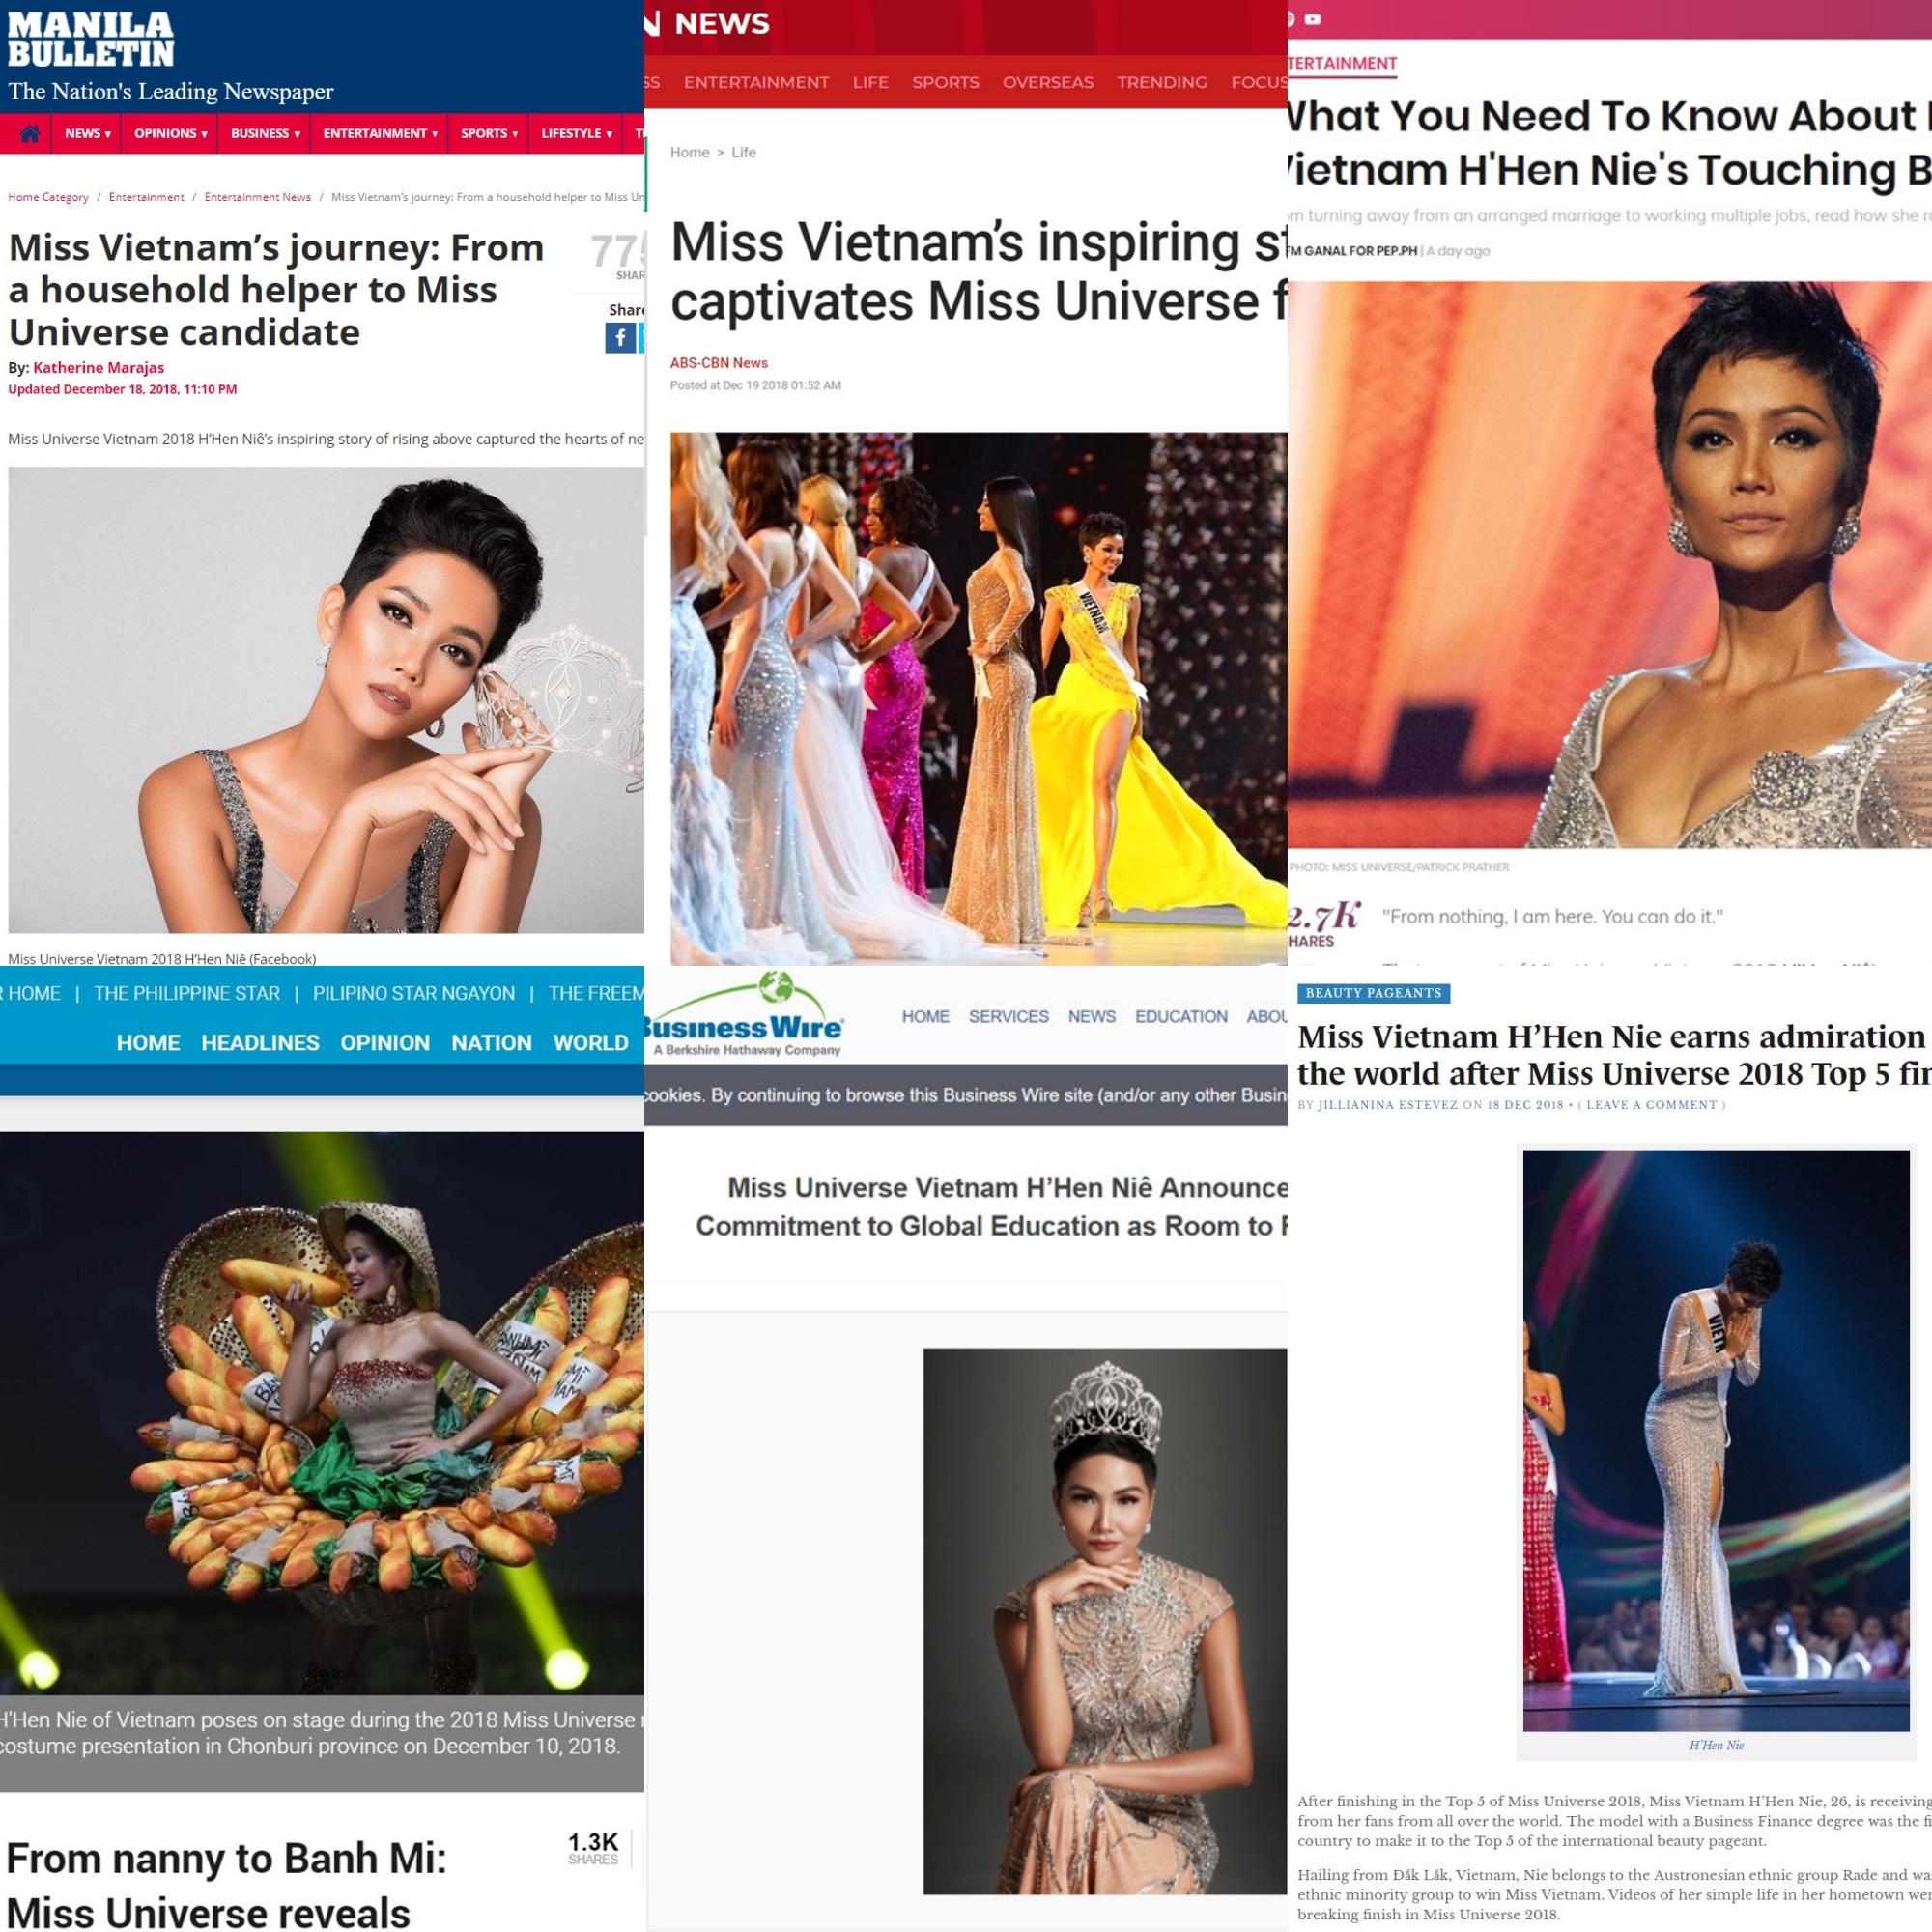 Báo chí quốc tế hết lời khen ngợi, gọi Top 5 Miss Universe 2018 là 'Hoa hậu nghị lực' - Ảnh 3